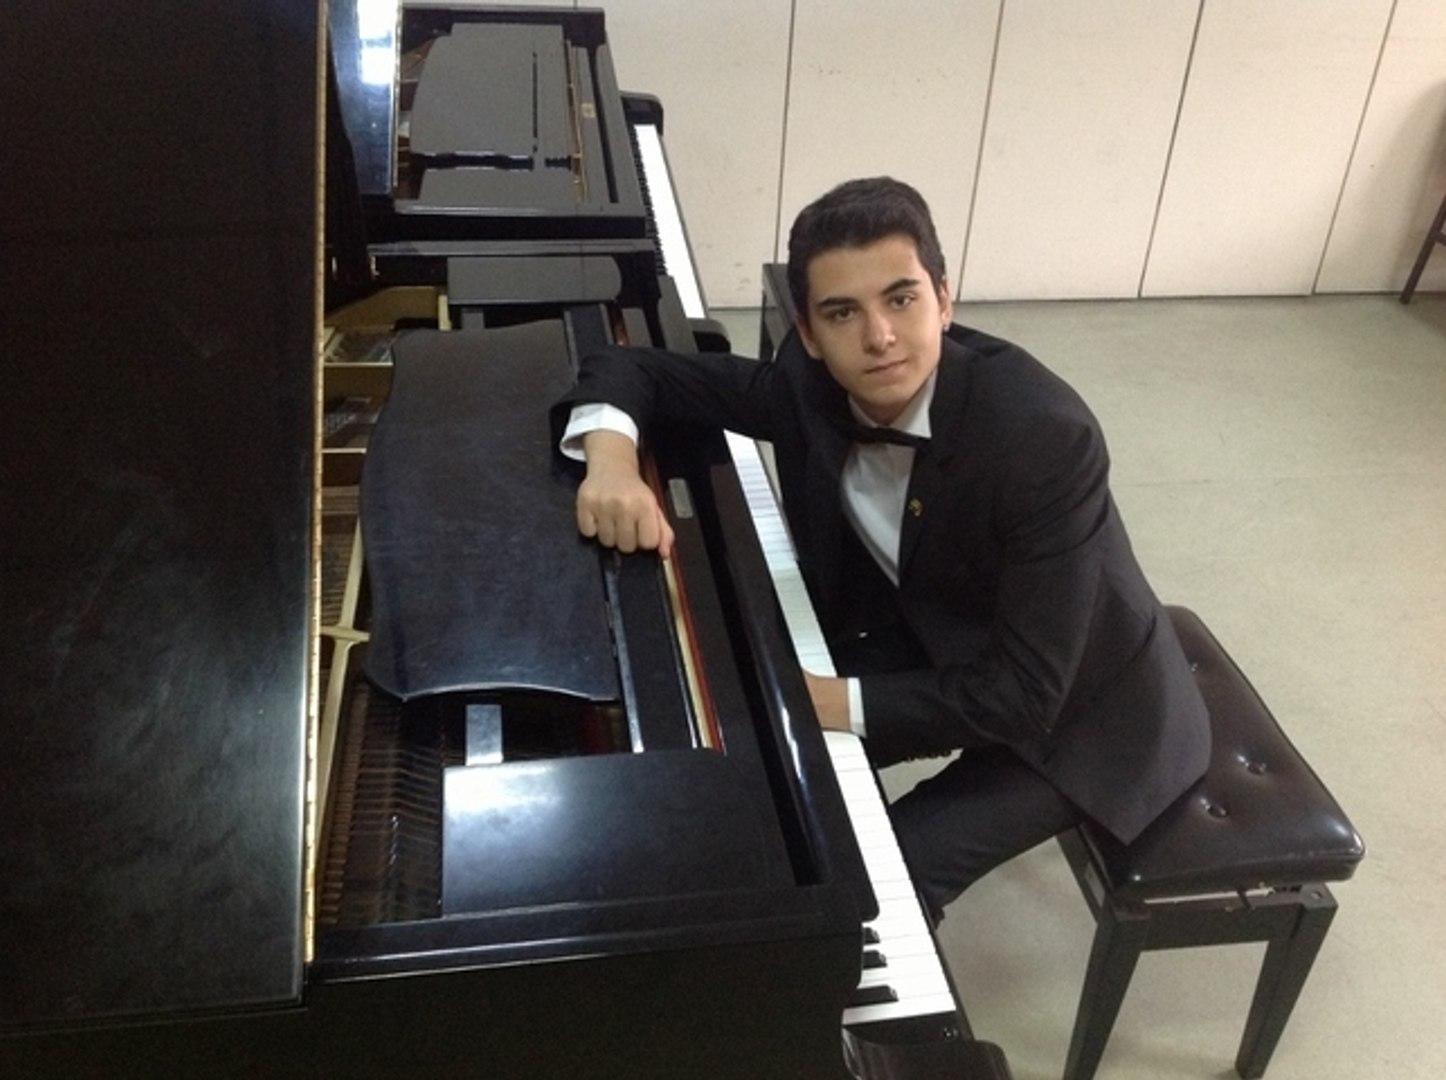 Ben Yürürüm Yane Yane Yunus Emre Vokal:OYA Piyano İle Senfonik İlahi Resitali Yakartepe Söyleyen Şan